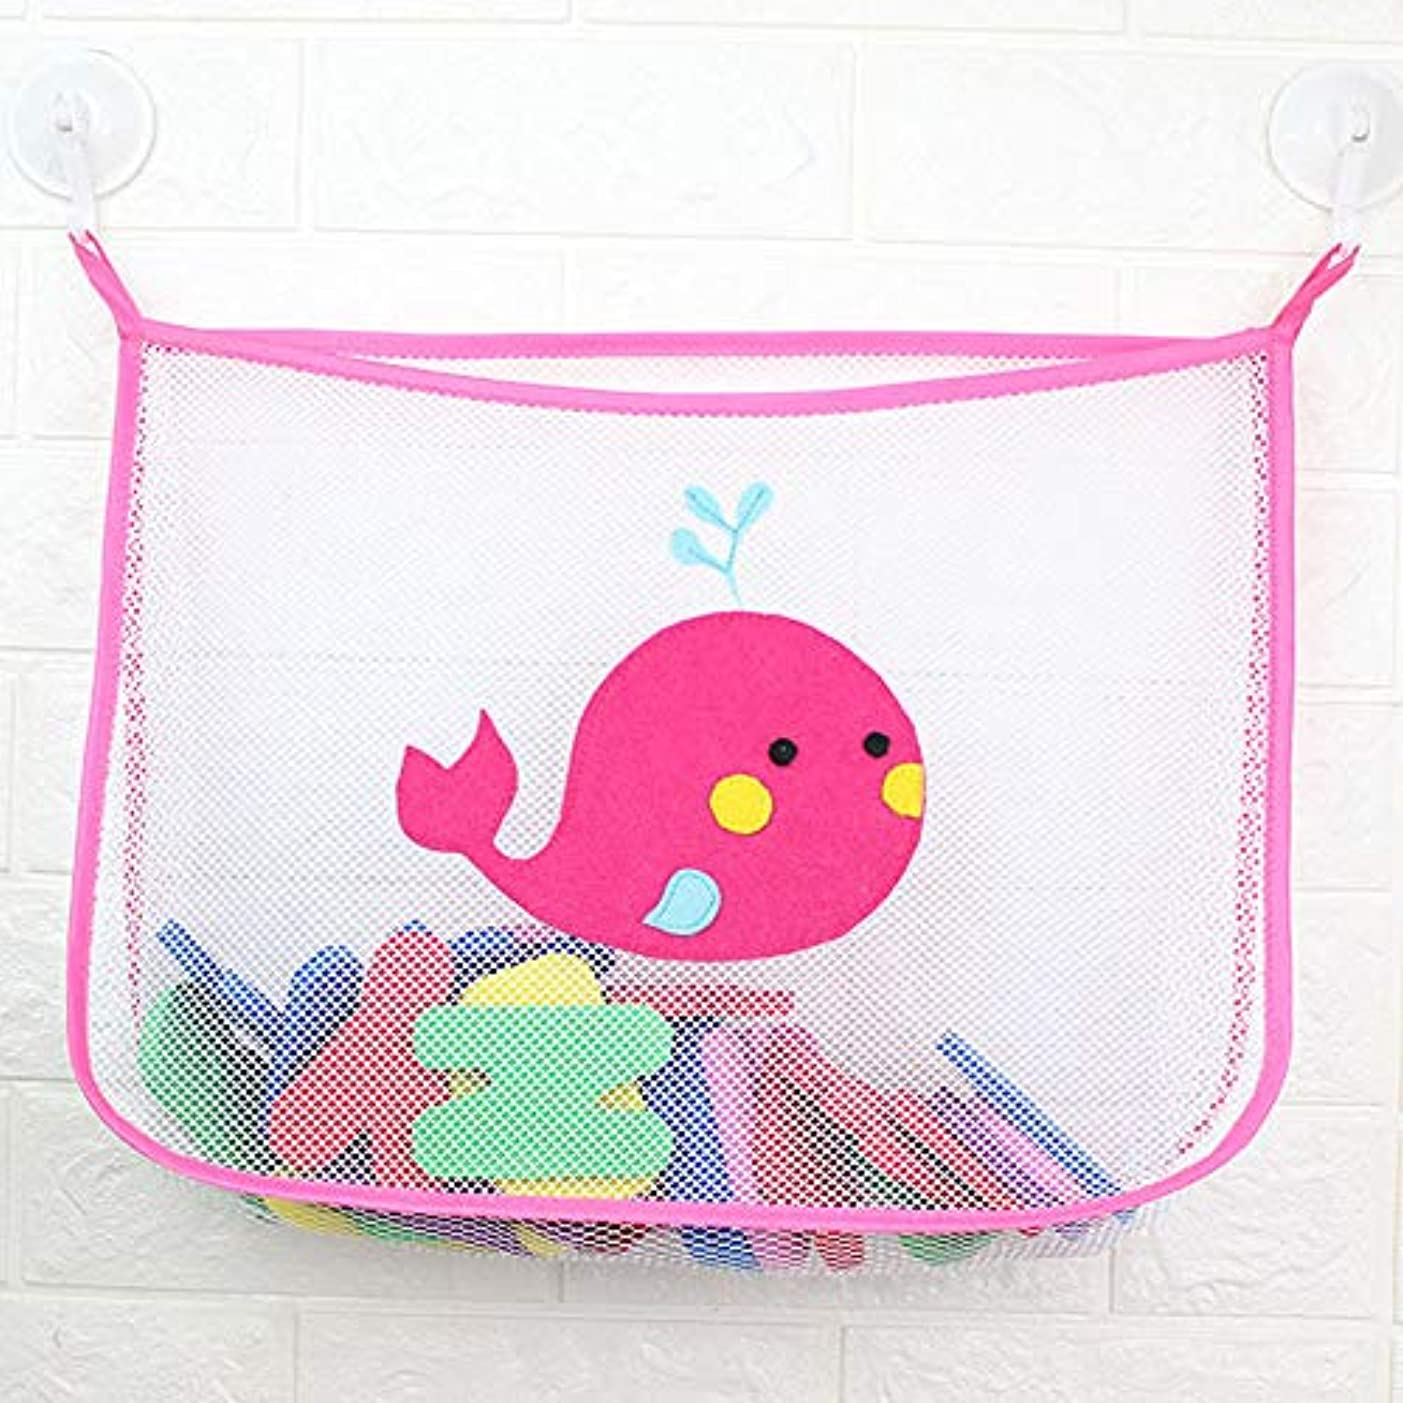 不屈サージ空中ベビーシャワー風呂のおもちゃ小さなアヒル小さなカエルの赤ちゃん子供のおもちゃ収納メッシュで強い吸盤玩具バッグネット浴室オーガナイザー (ピンク)